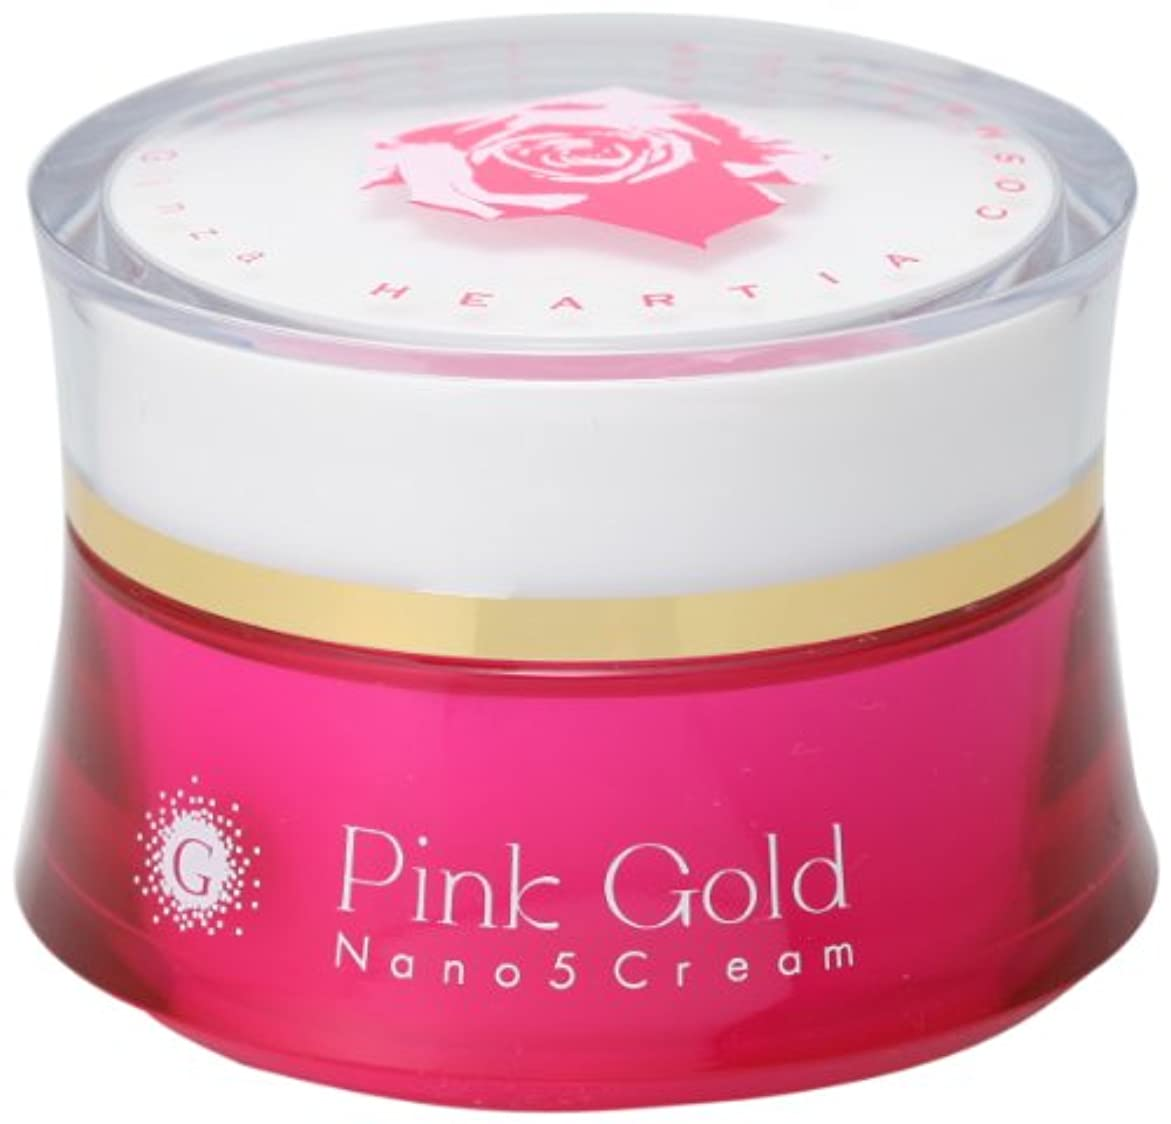 ピンクゴールド ナノ5クリーム